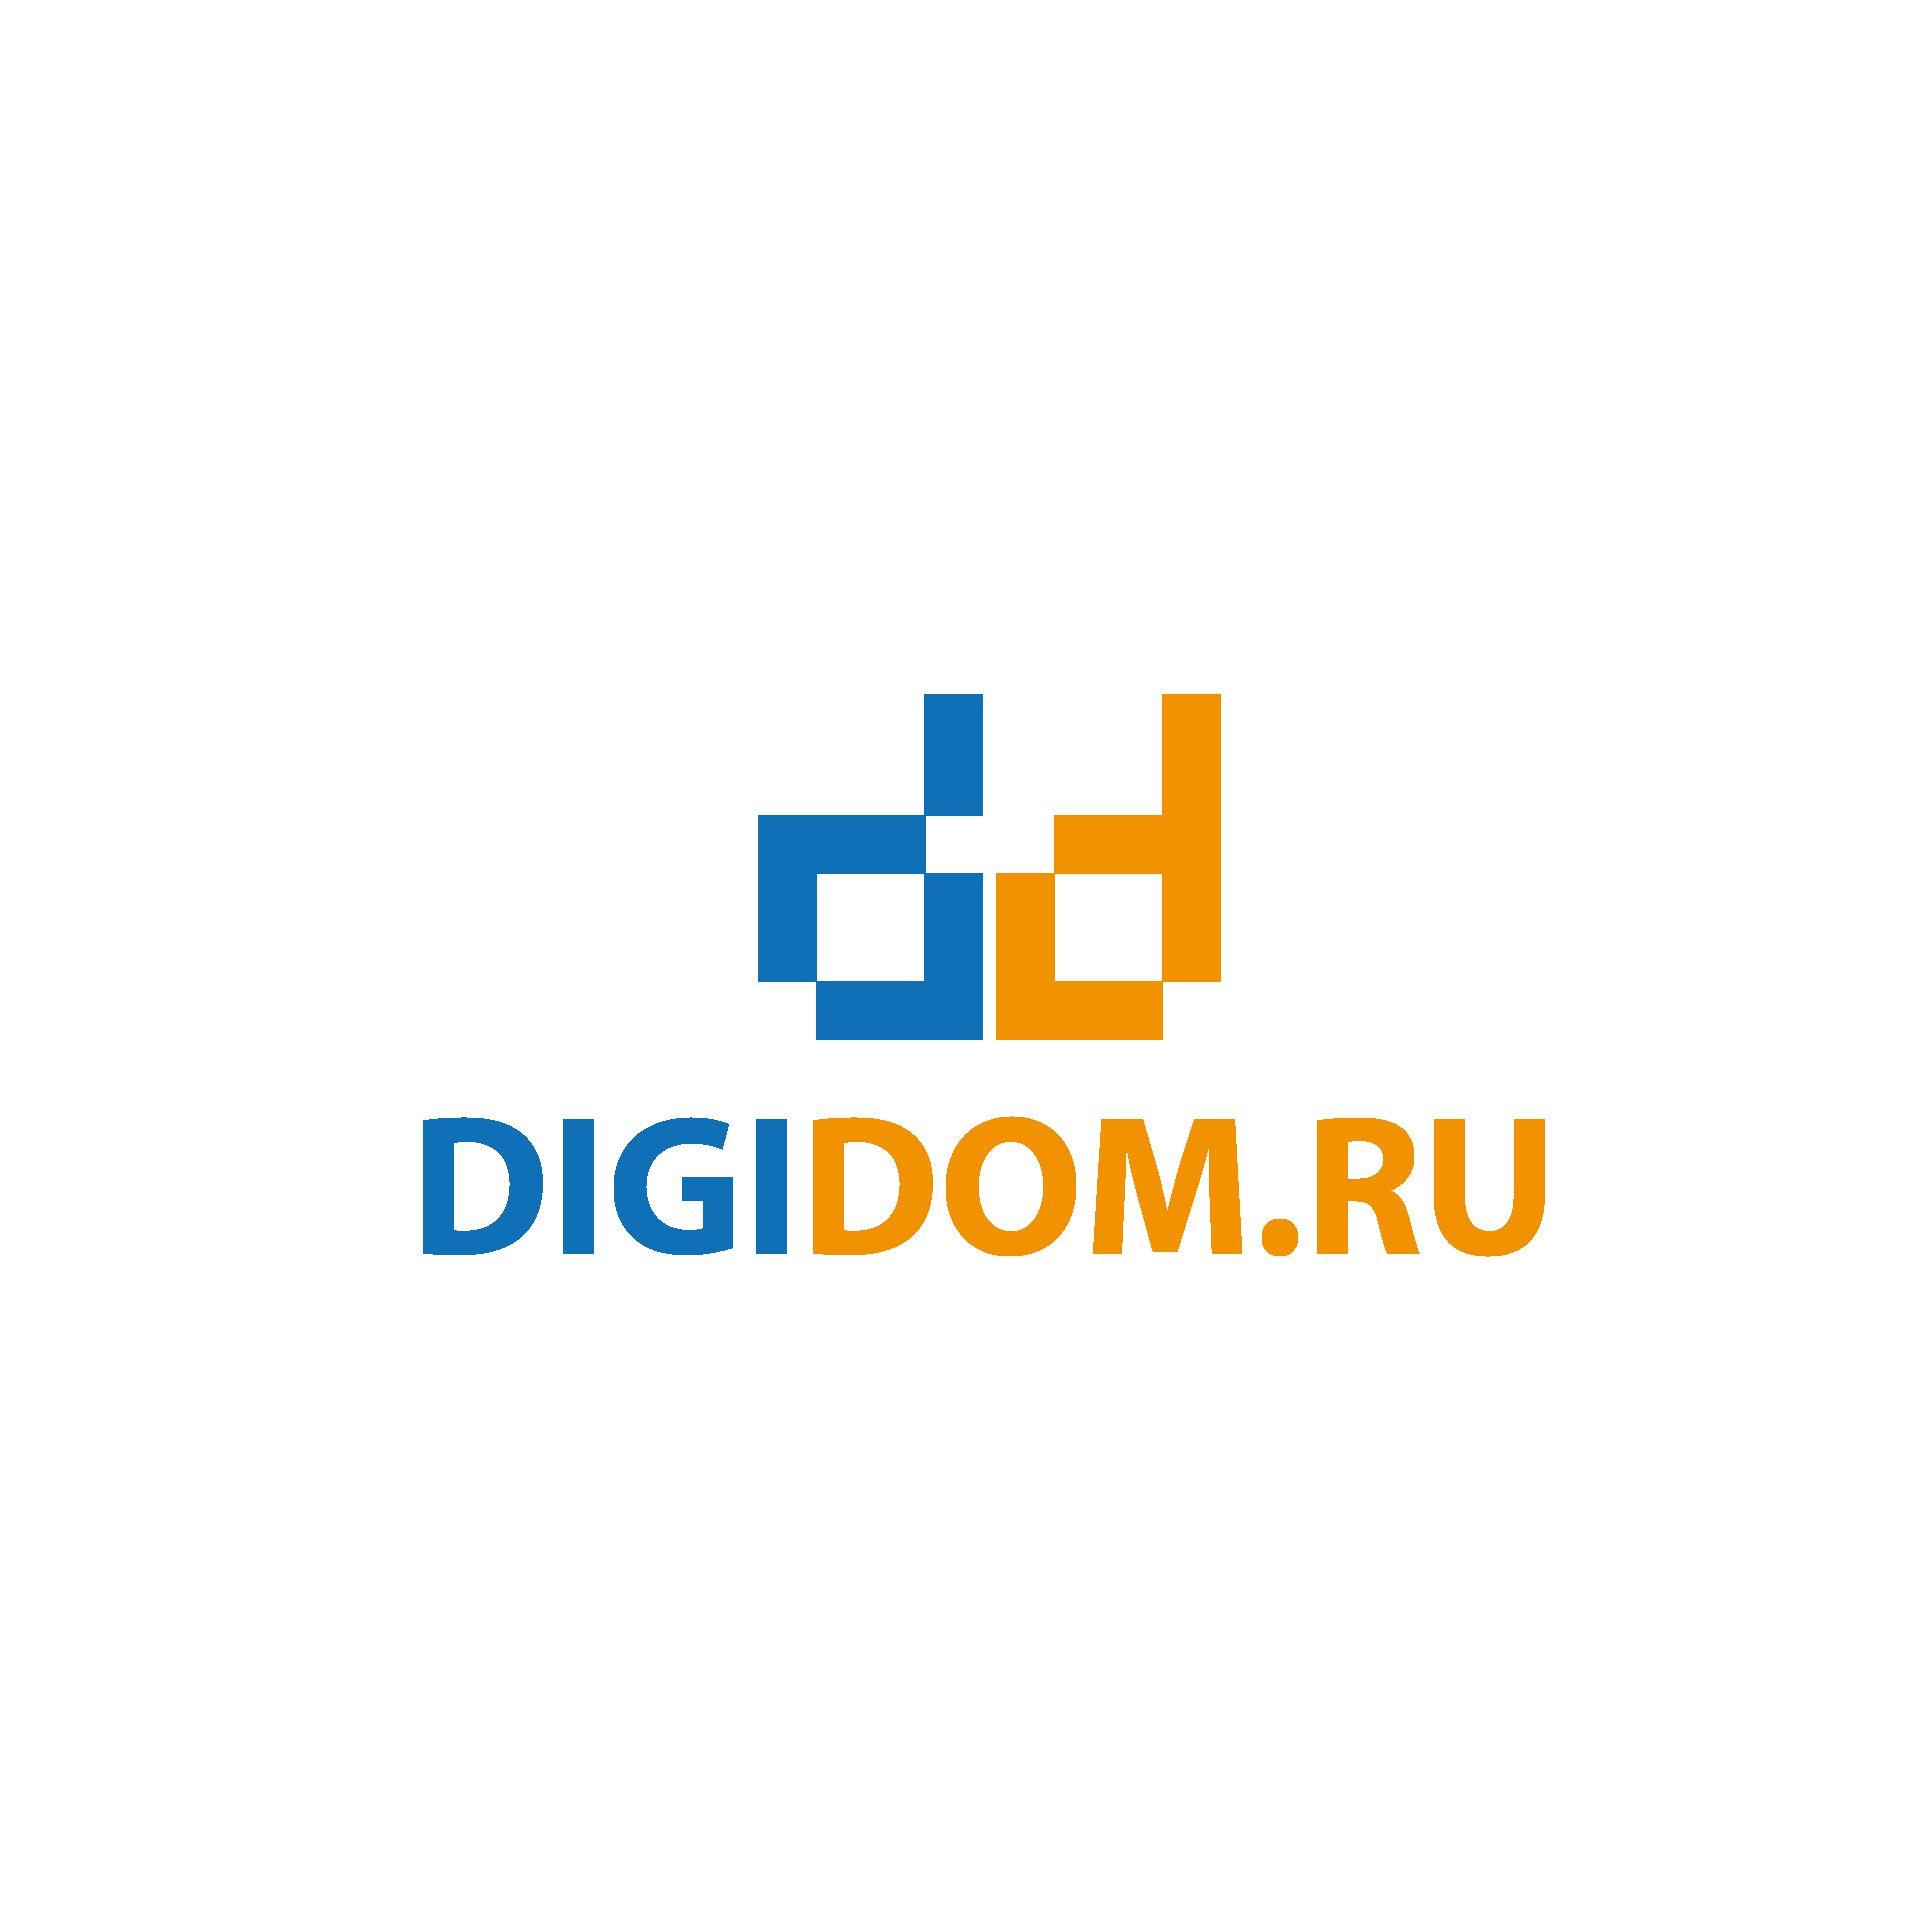 Логотип интернет-магазина мобильных устройств - дизайнер alpine-gold